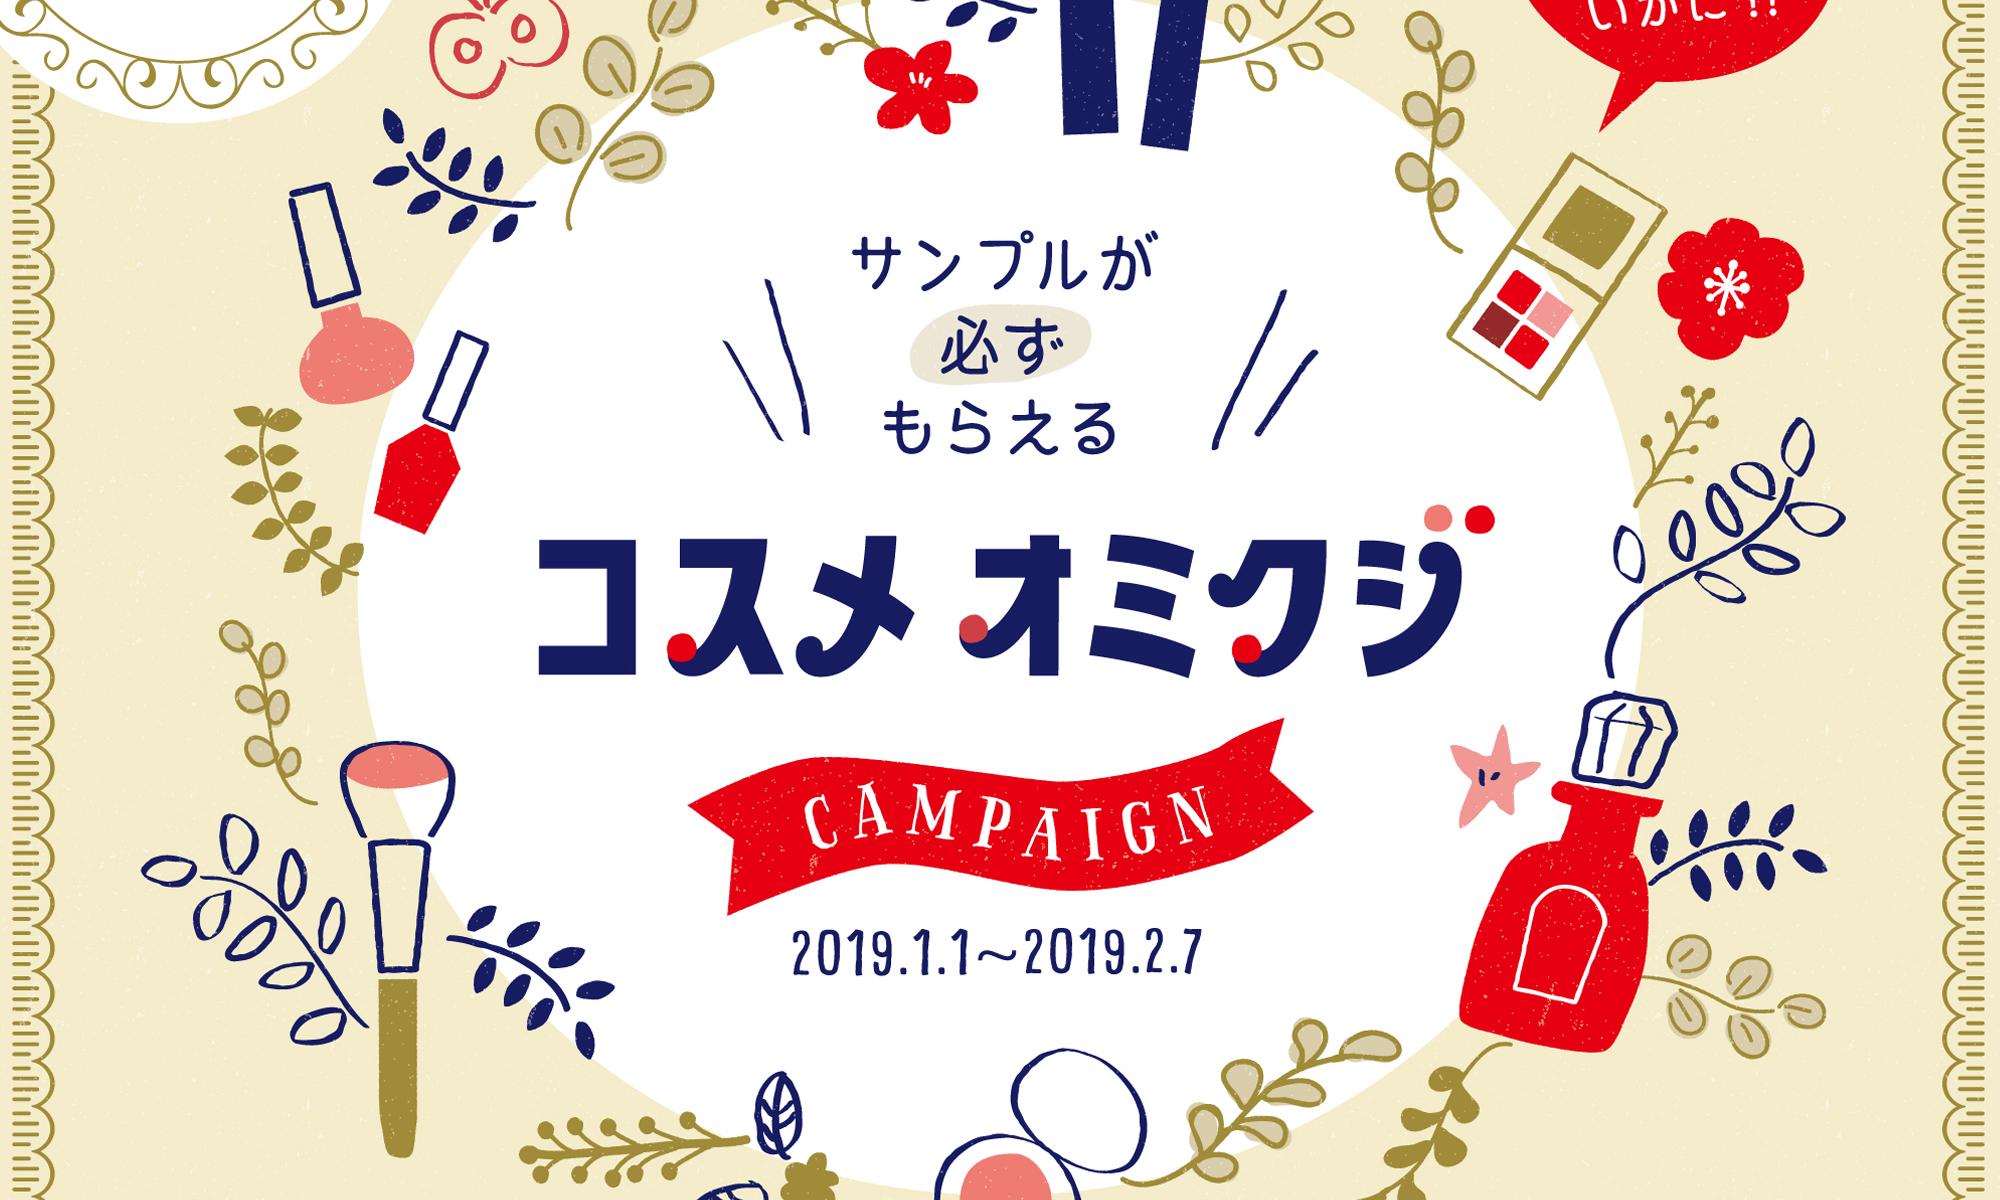 「コスメオミクジ」キャンペーン ポスター&おみくじデザイン